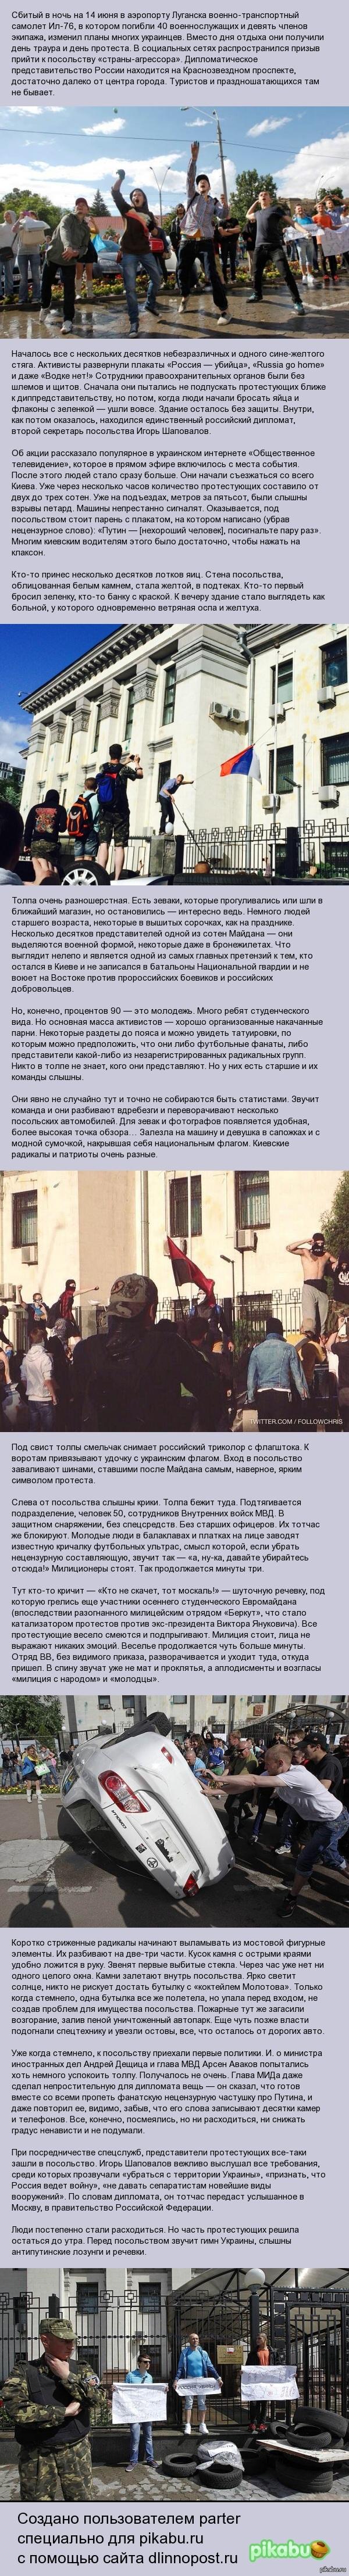 Deutsche Welle: Атака на посольство России в Киеве, акция радикалов собрала сотни киевлян